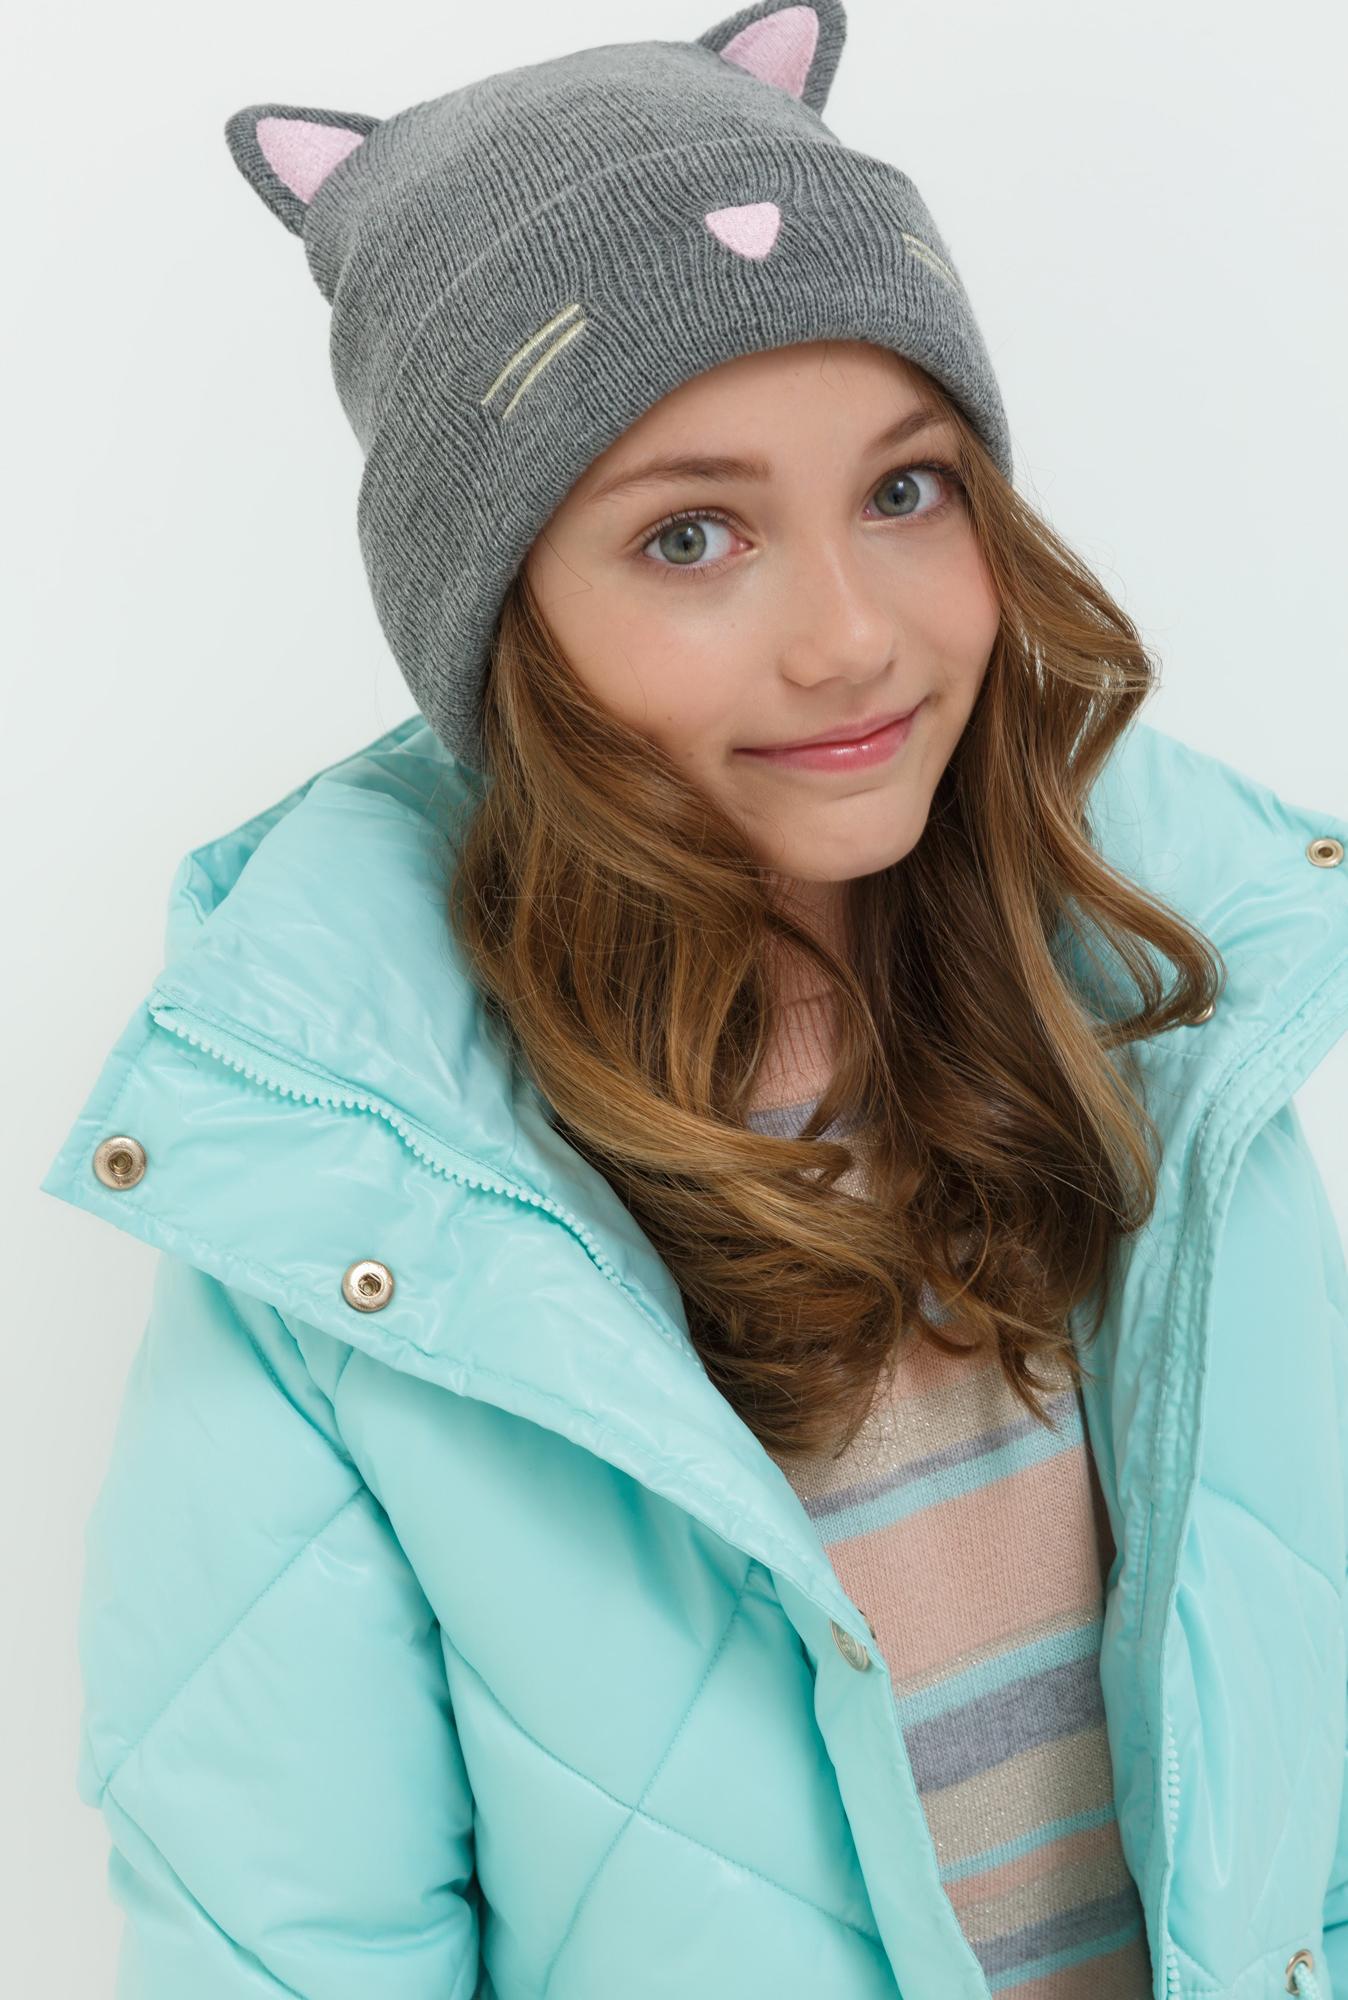 Шапка для девочки Acoola Damo, цвет: серый. 20236400039. Размер XS (50)20236400039Детская шапка от Acoola выполнена из натуральной акриловой пряжи и декорирована ушами. Такая шапка согреет вашего ребенка в холодное время года.